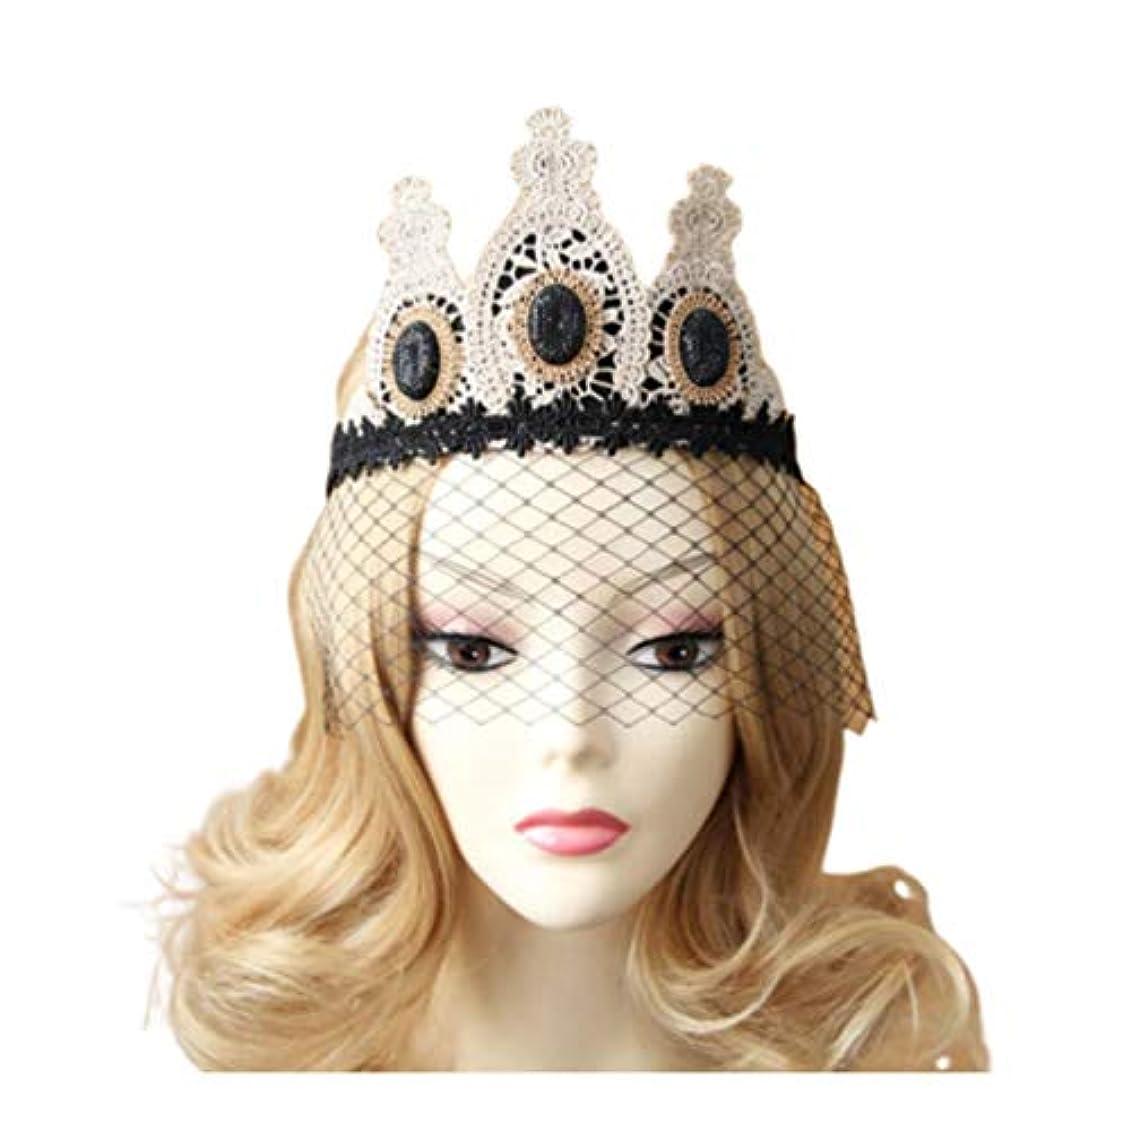 地上で一貫した情報Lurrose レースクラウンヴィンテージゴシックメッシュベールヘッドバンドレースベール帽子ハロウィンヘア装飾用女性女性